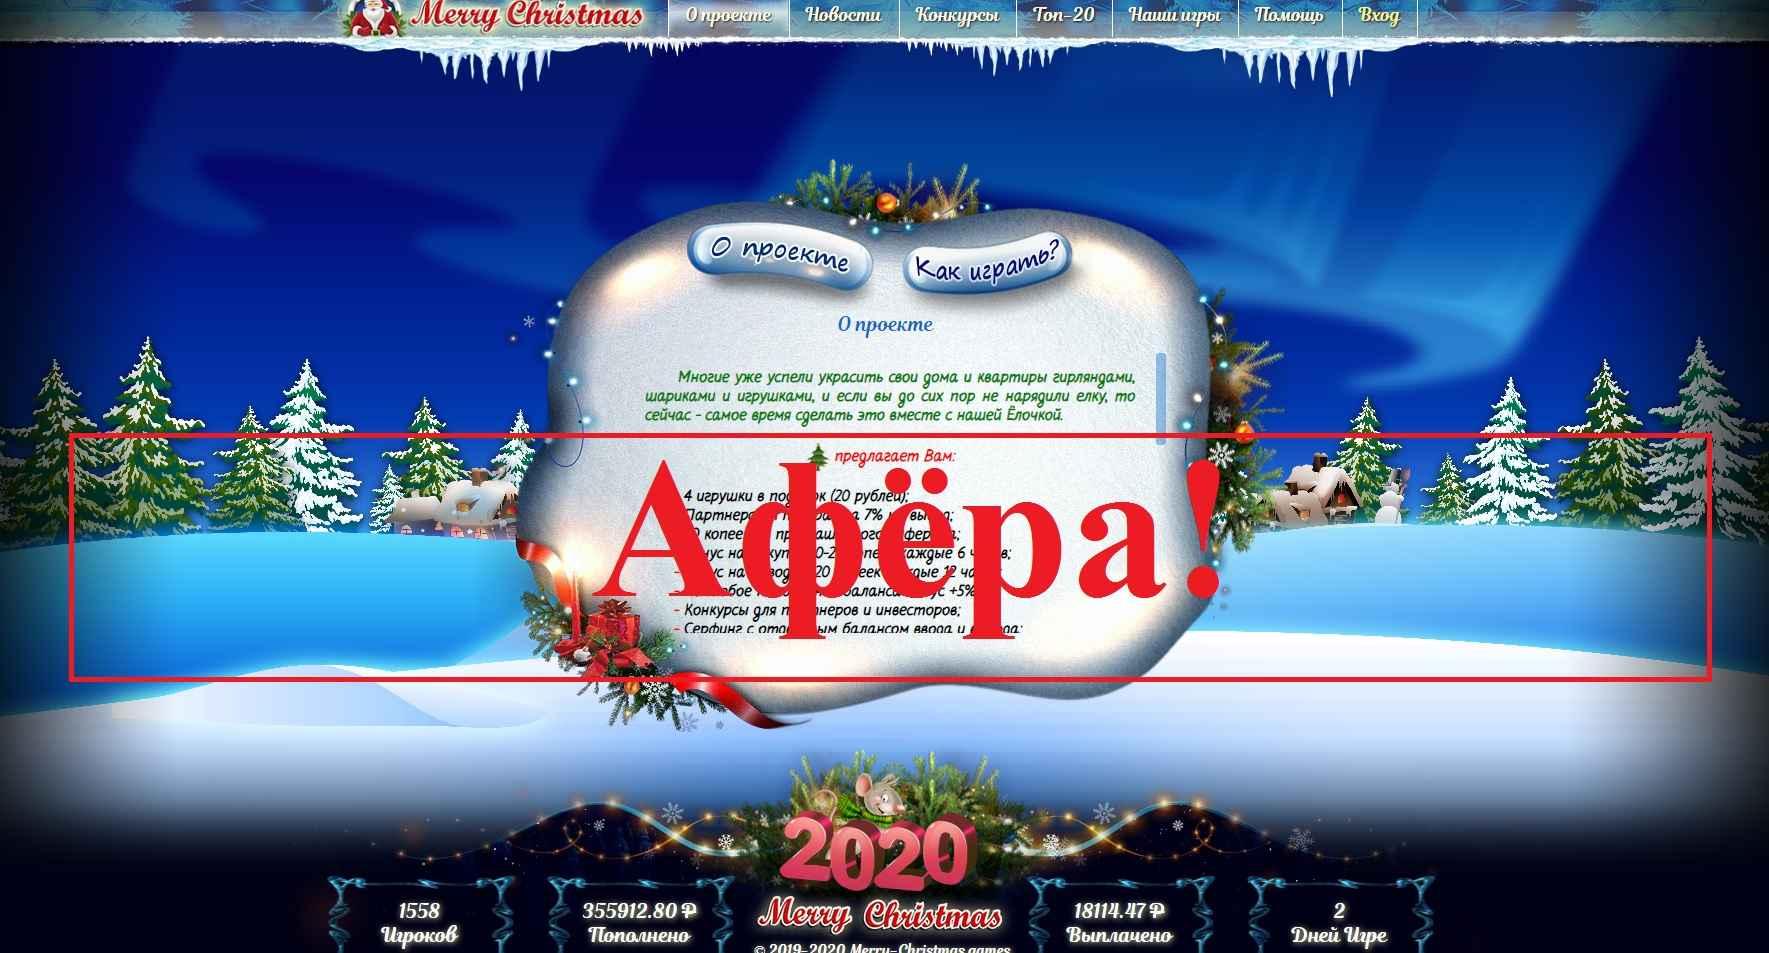 Merry Christmas – игра с выводом денег. Отзывы и обзор merry-christmas.games